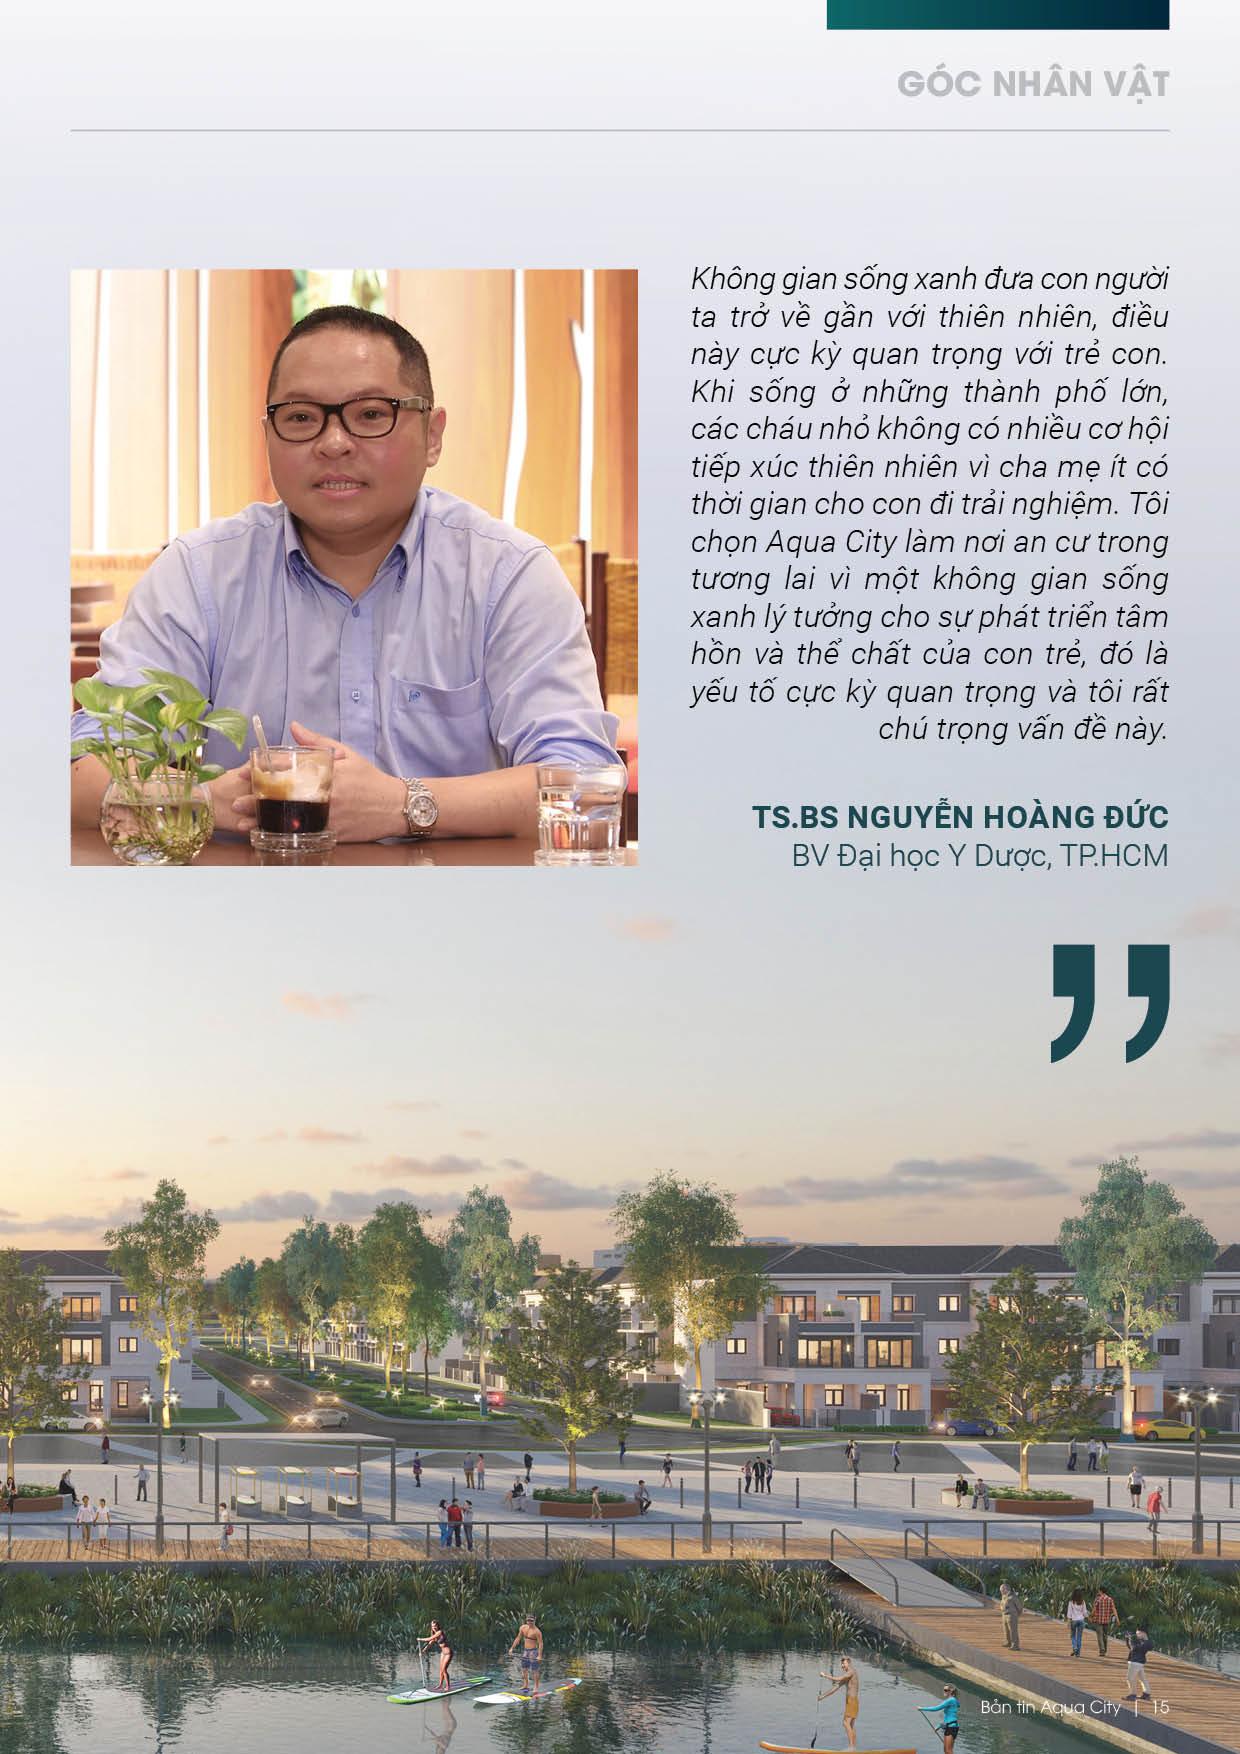 TS.BS Nguyễn Hoàng Đức nhận xét về Aqua City